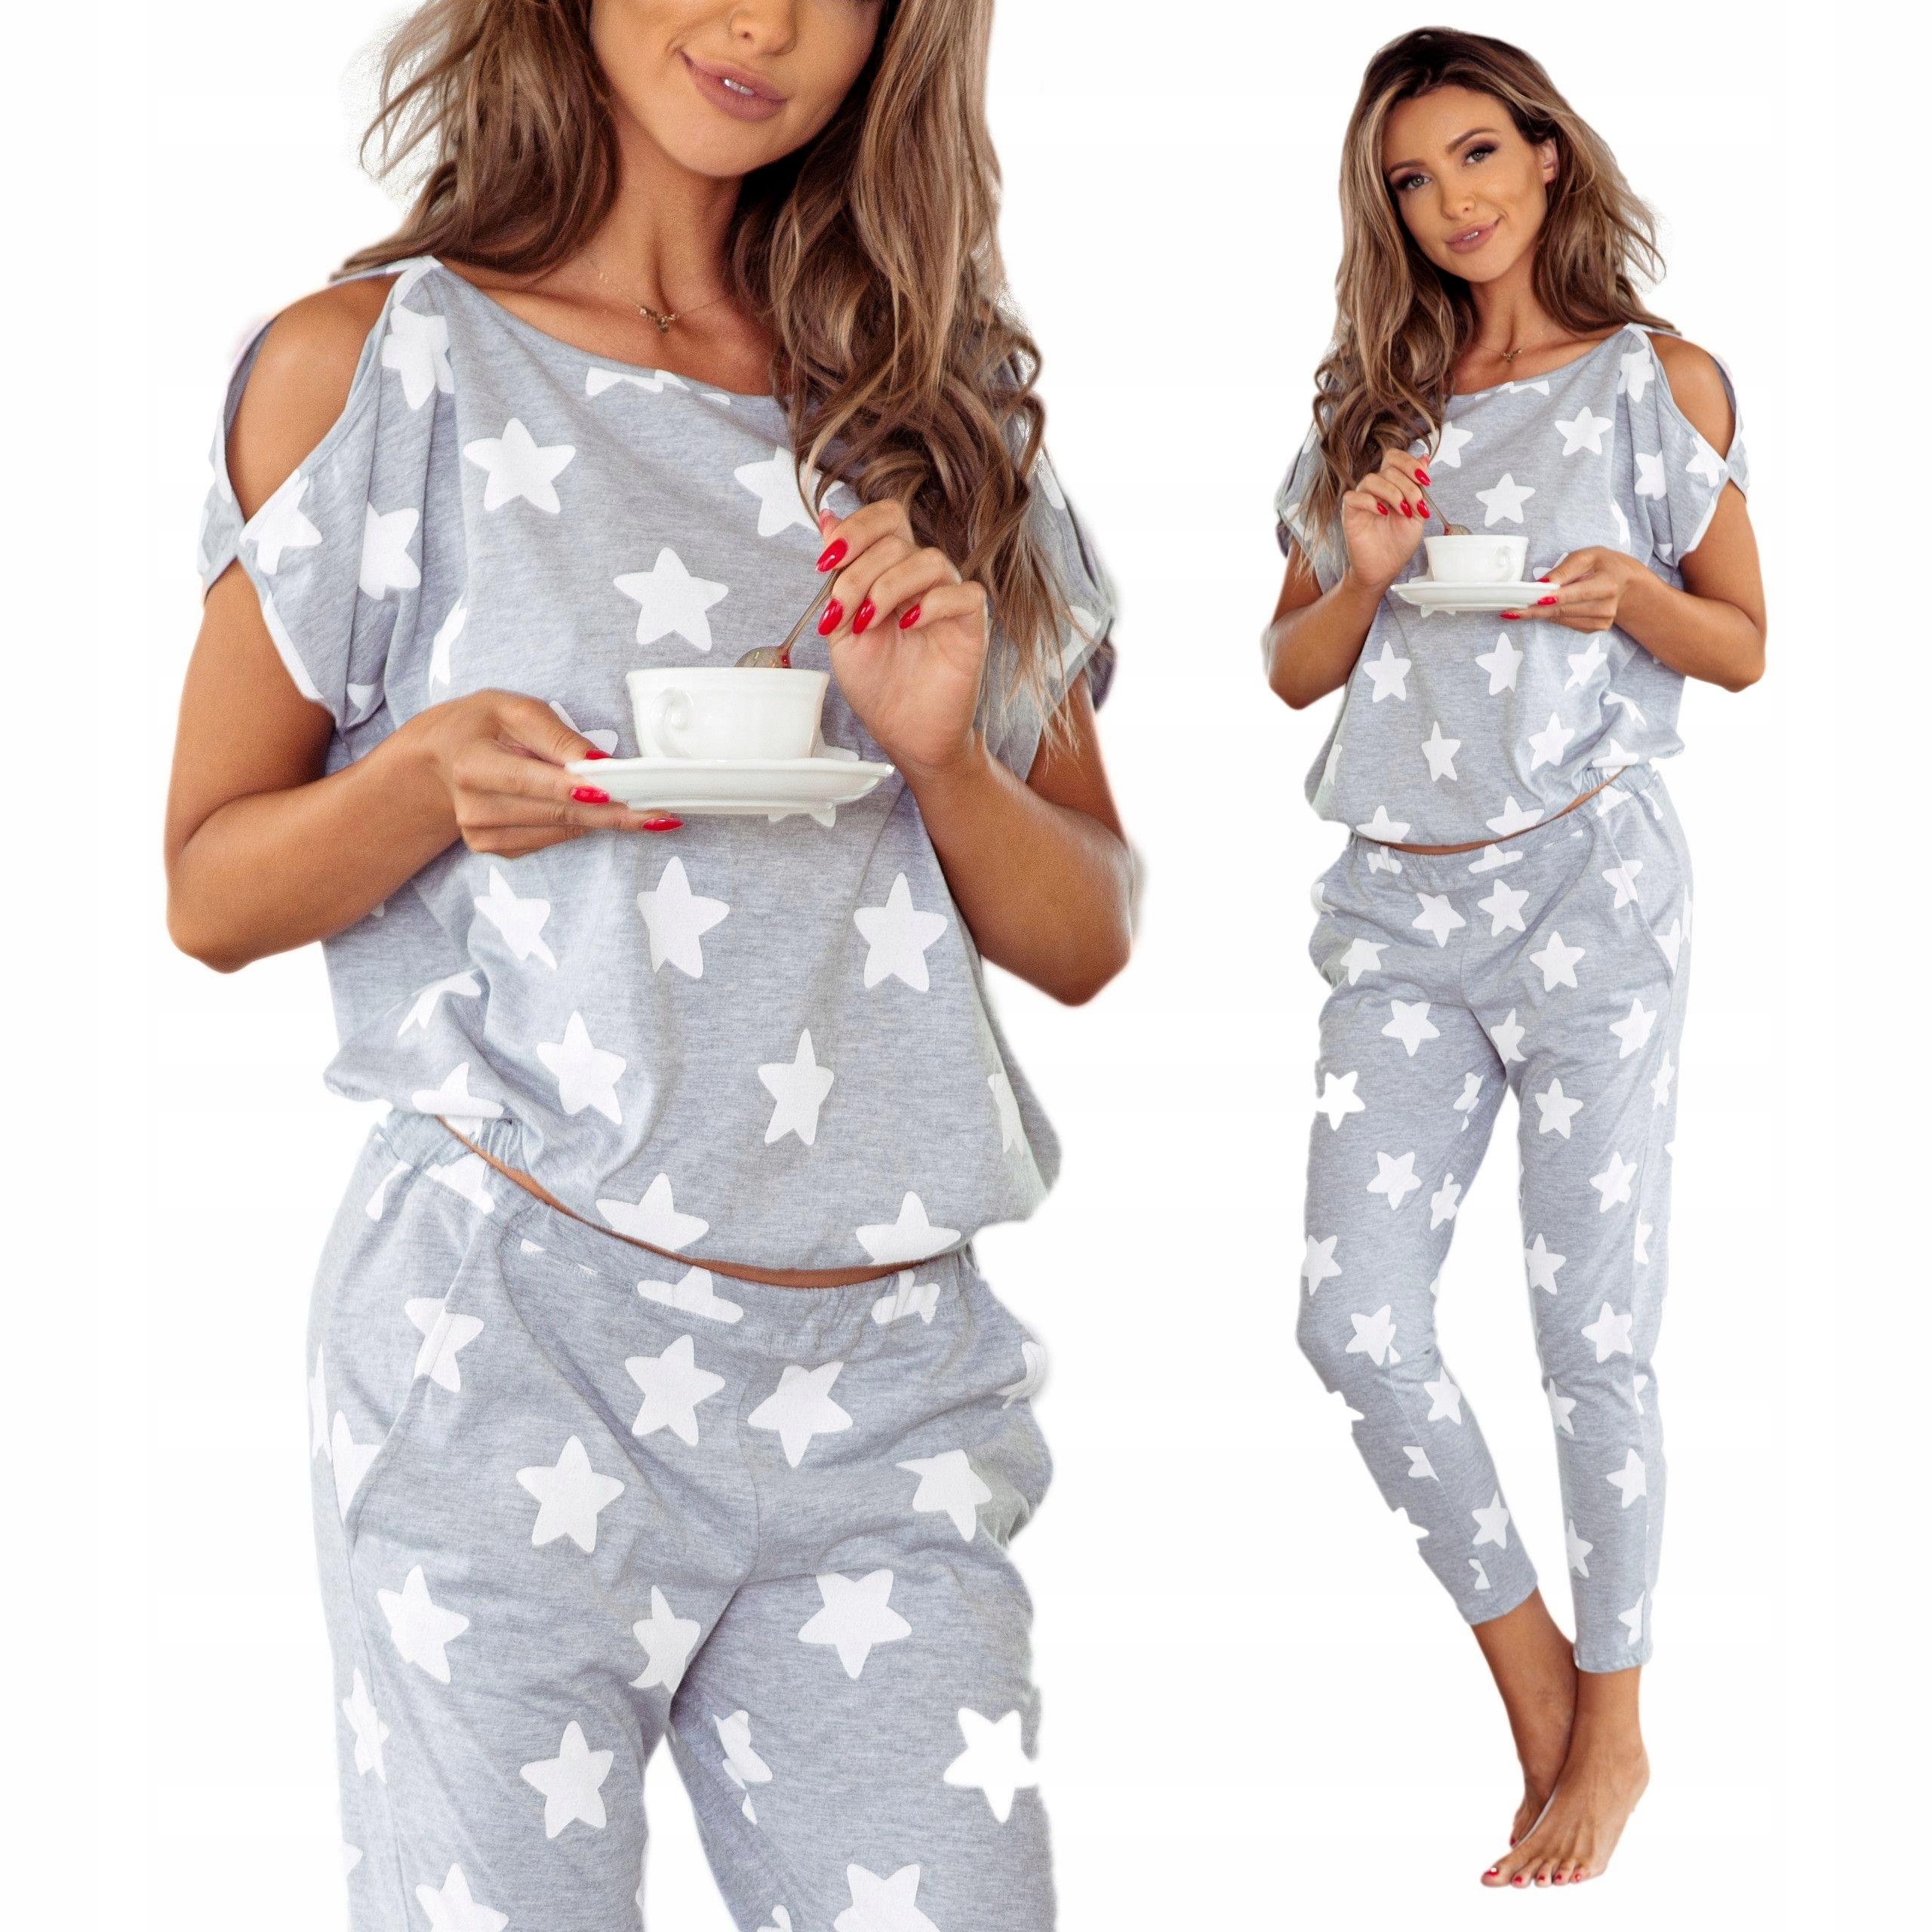 f920dab822 Piżama damska Pigeon z bawełny z długimi spodniami - 7521493893 ...